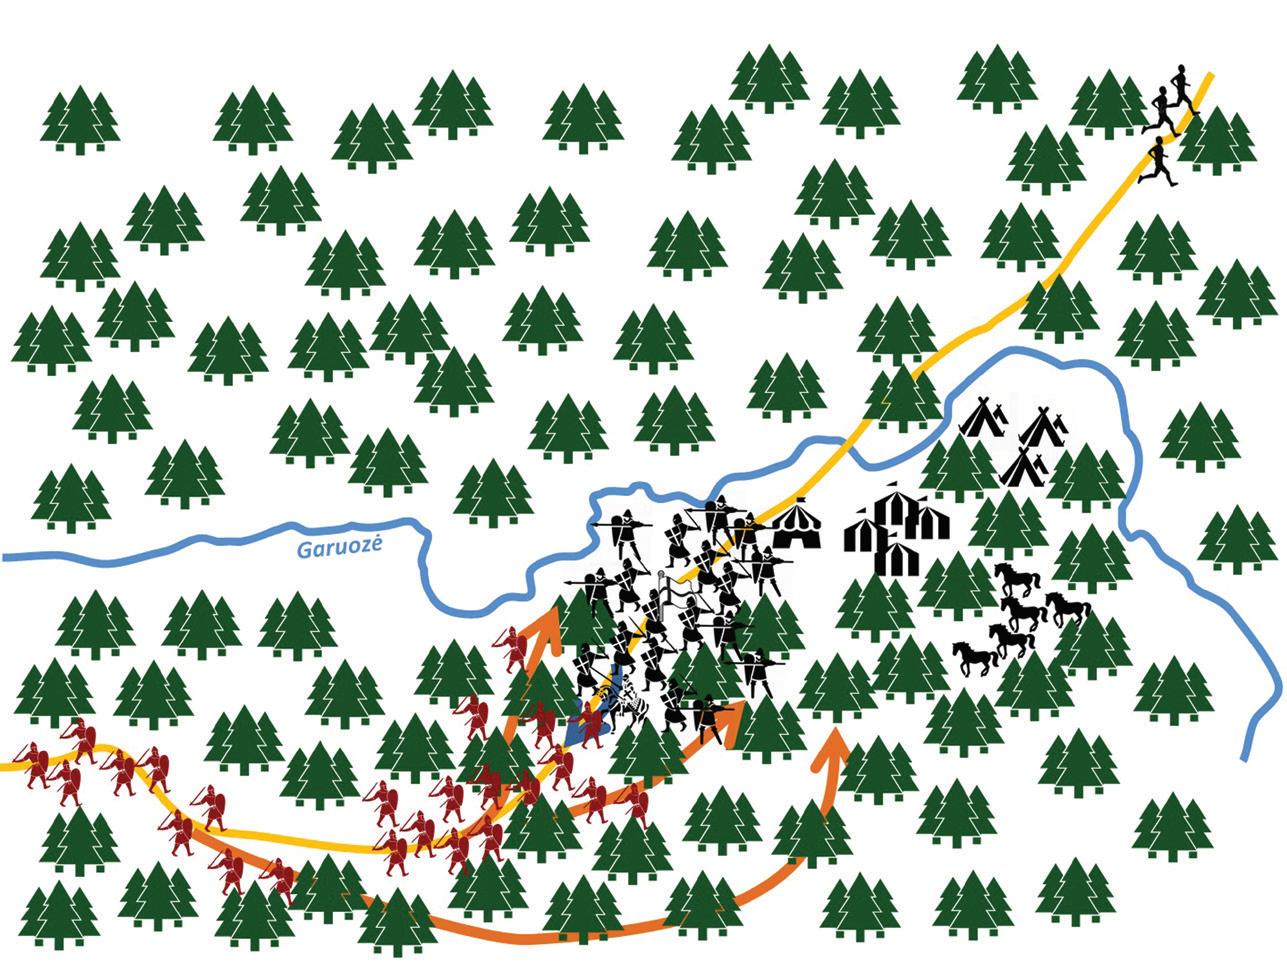 Antrasis mūšio etapas. Žiemgaliai puola kryžiuočius. Raitas Folmaras fon Bernhauzenas metasi pulti žiemgalius, patraukdamas paskui save dalį kryžiuočių, tačiau antro antpuolio metu žūsta.